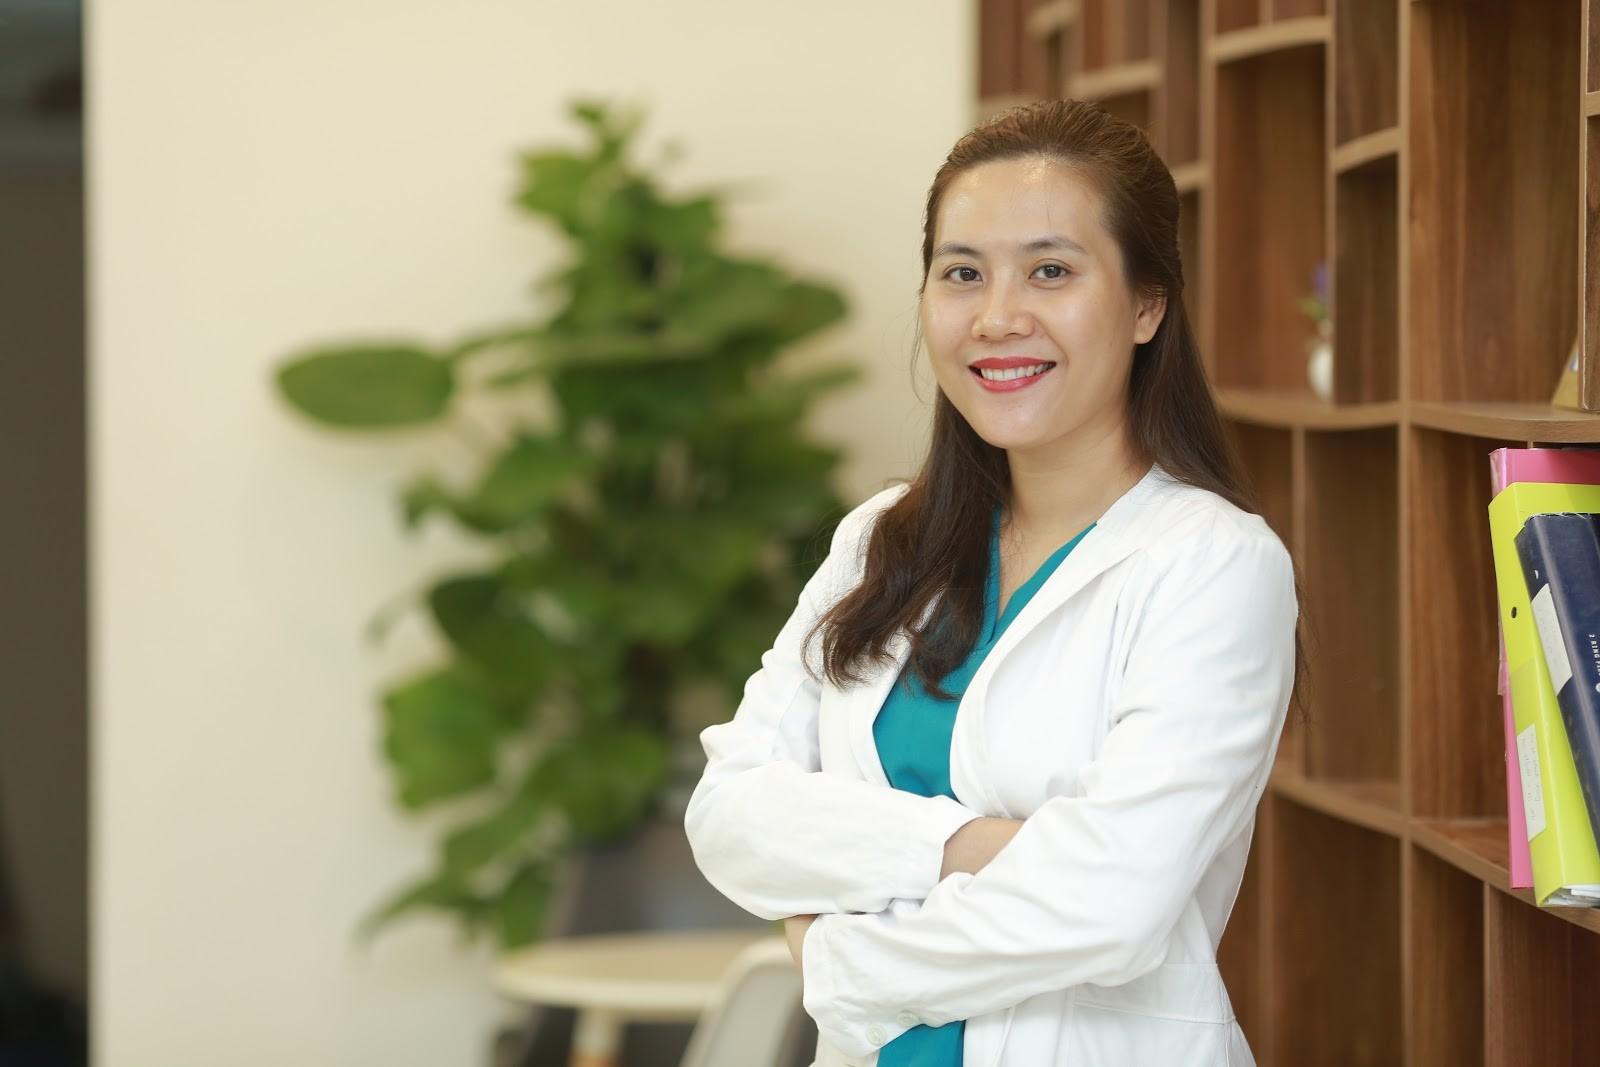 Tiêm thon gọn mặt: Bác sĩ khuyến cáo chị em không nên tự làm vì những lý do sau-3